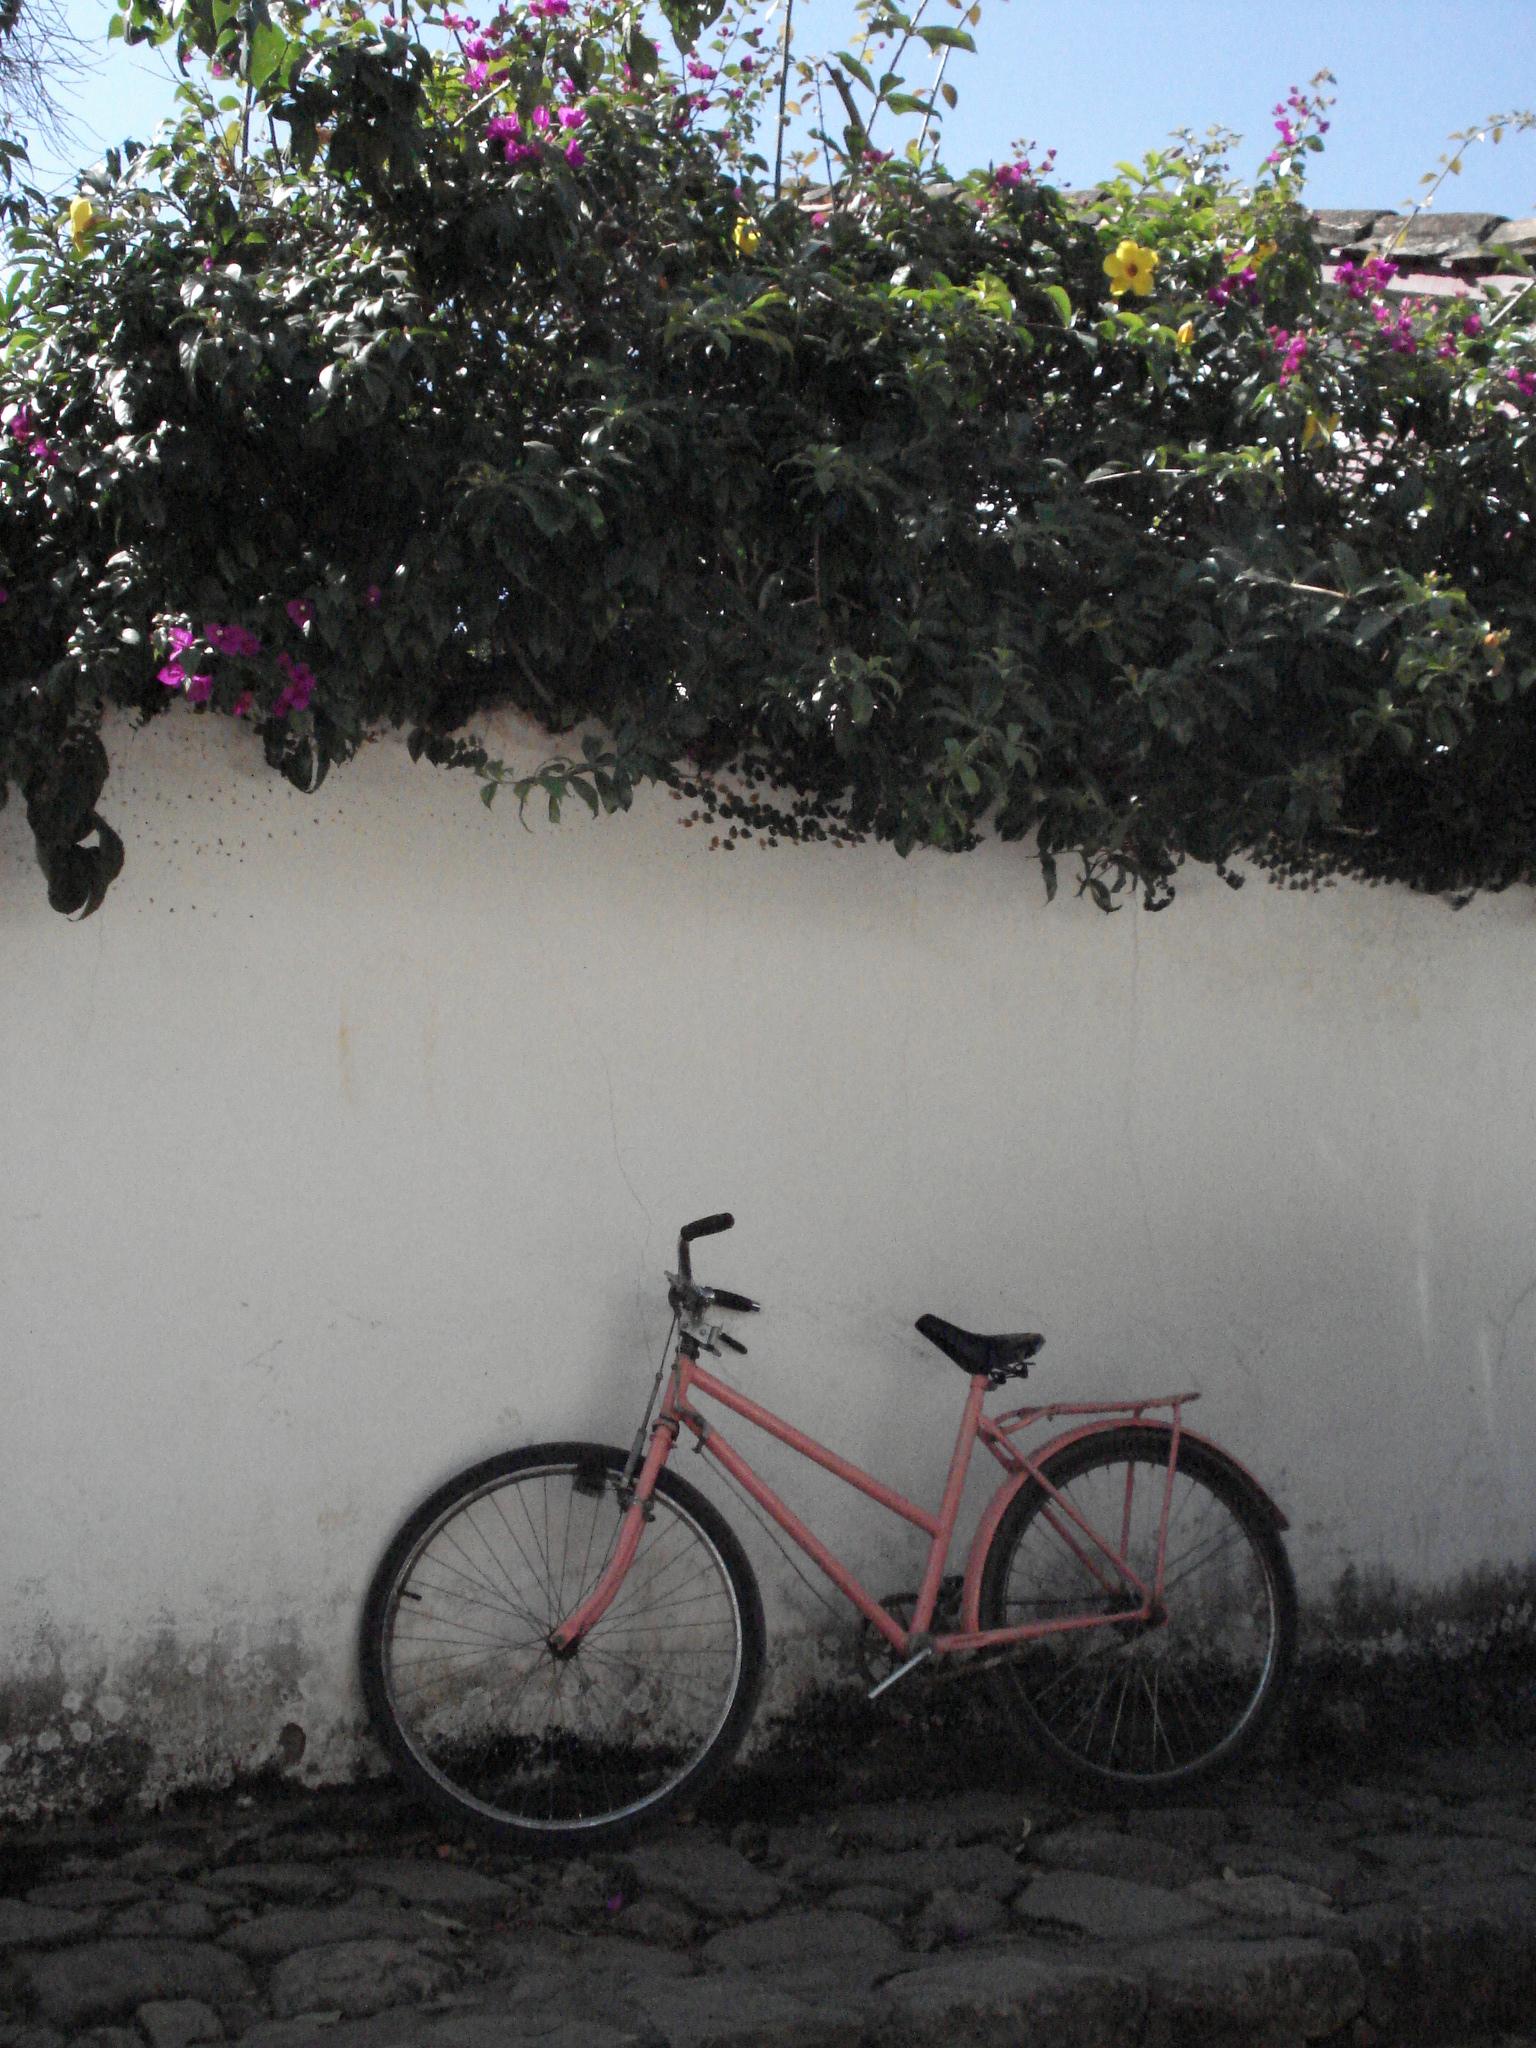 Foto tirada por mim durante um passeio pela cidade de Tiradentes (MG) em 2008